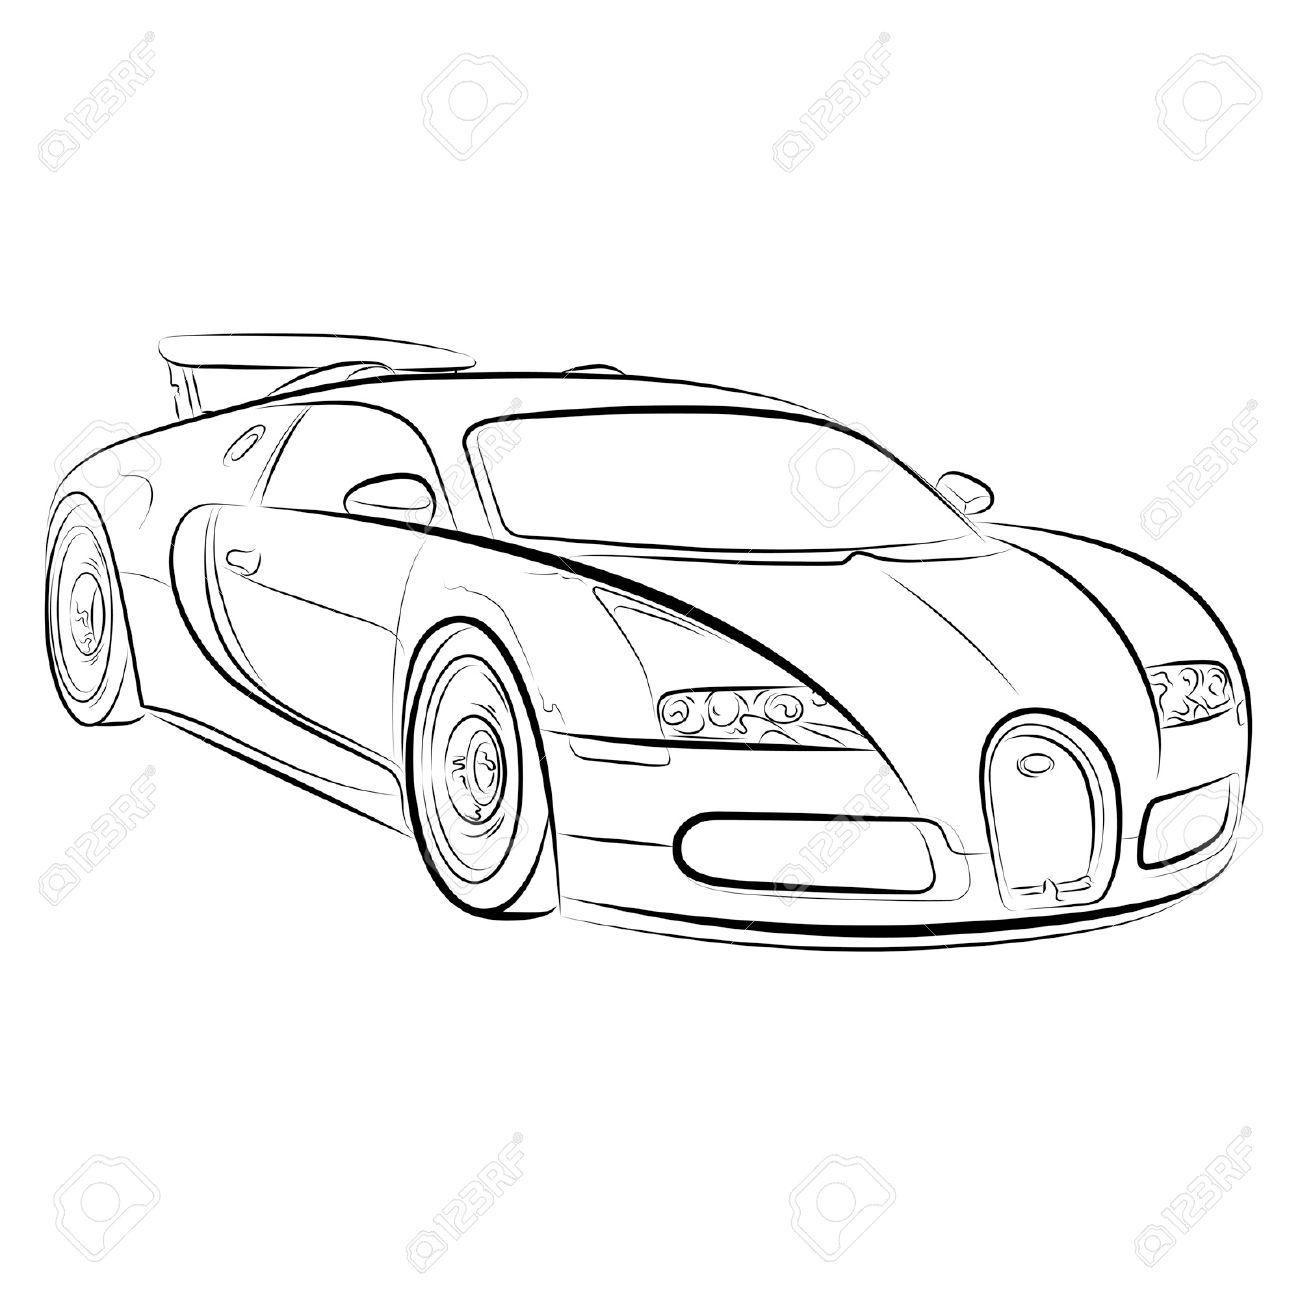 Supercar Drawing At Getdrawings